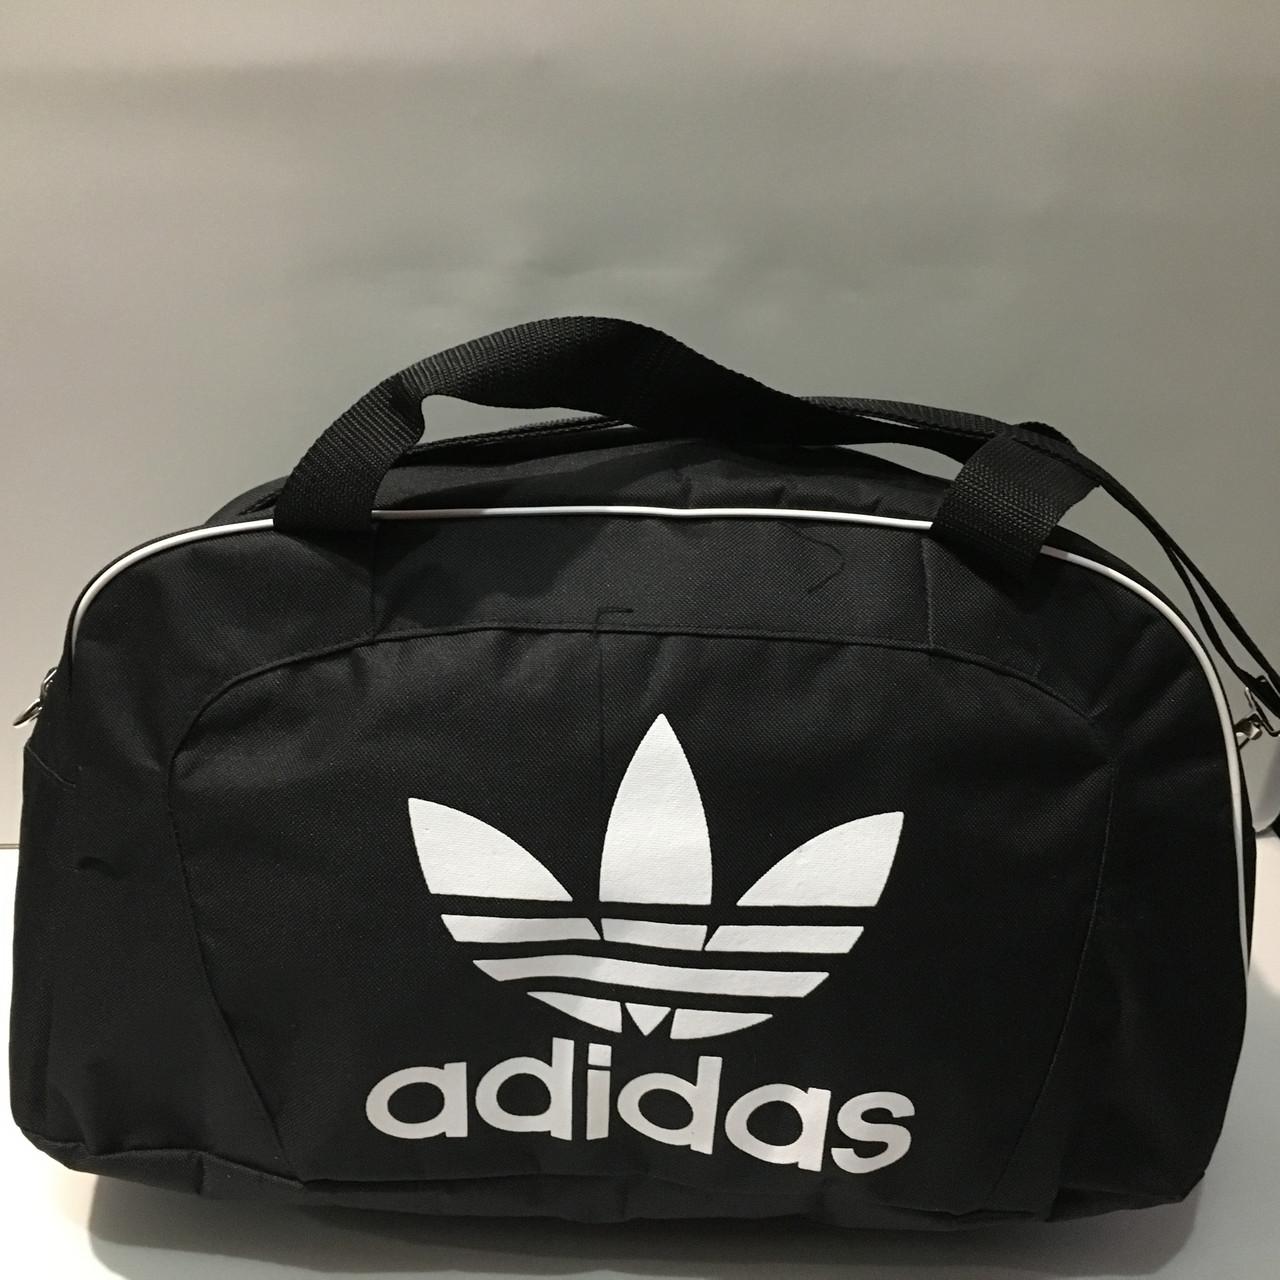 ebede88dcbde Спортивная дорожная сумка adidas, сумки из ткани, магазин дорожных сумок,  сумка для обуви